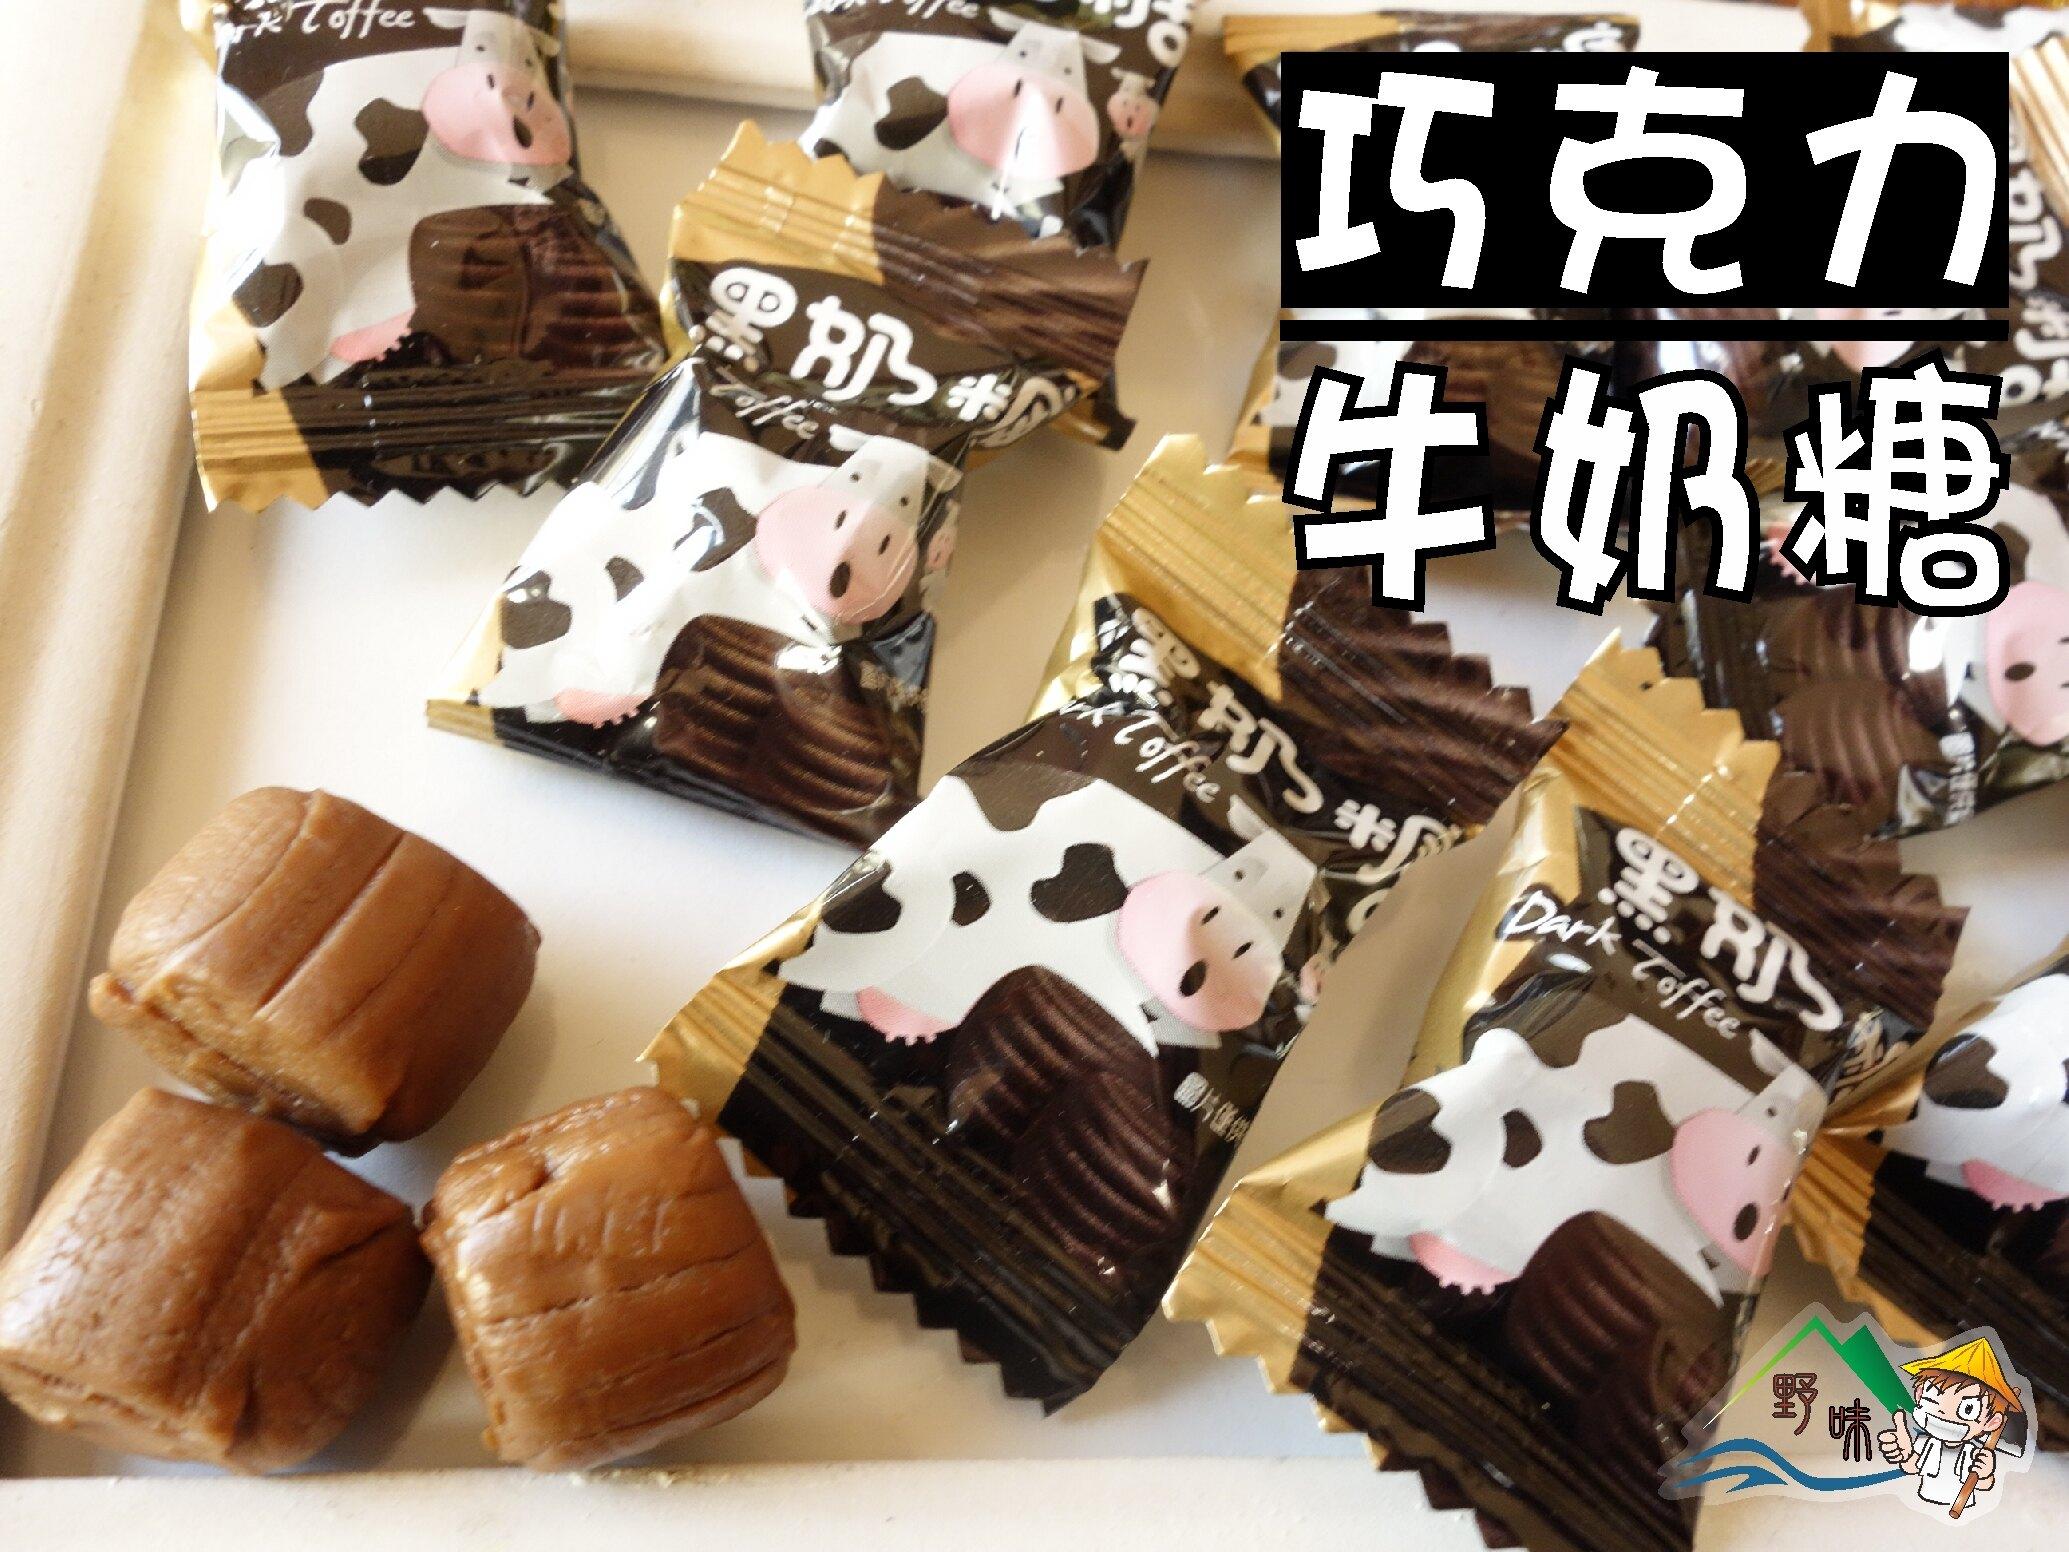 【野味食品】黑奶糖(牛奶糖,牛奶軟糖,巧克力牛奶軟糖,150g/包,350g/包,桃園實體店面出貨)